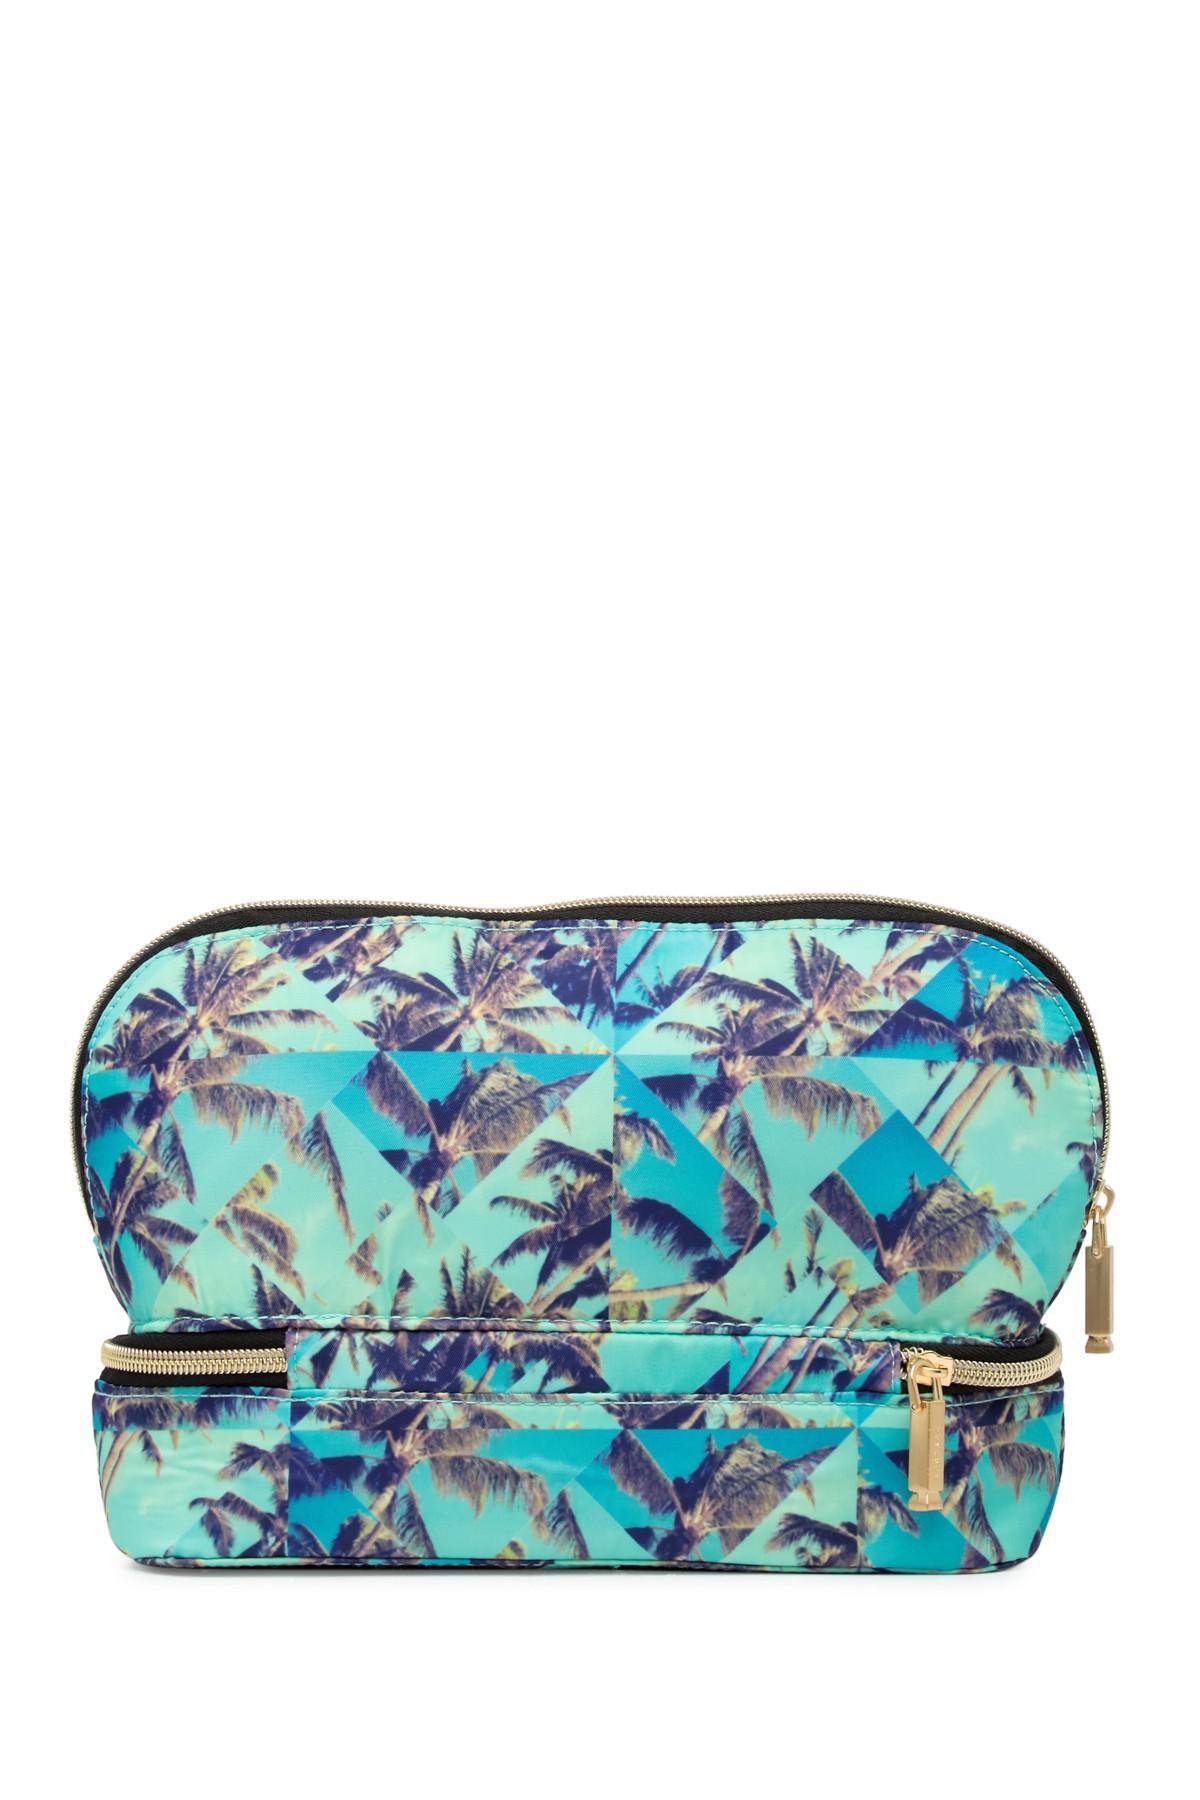 640a38464ac6 Kestrel Blue Island Vision Cosmetic Bag